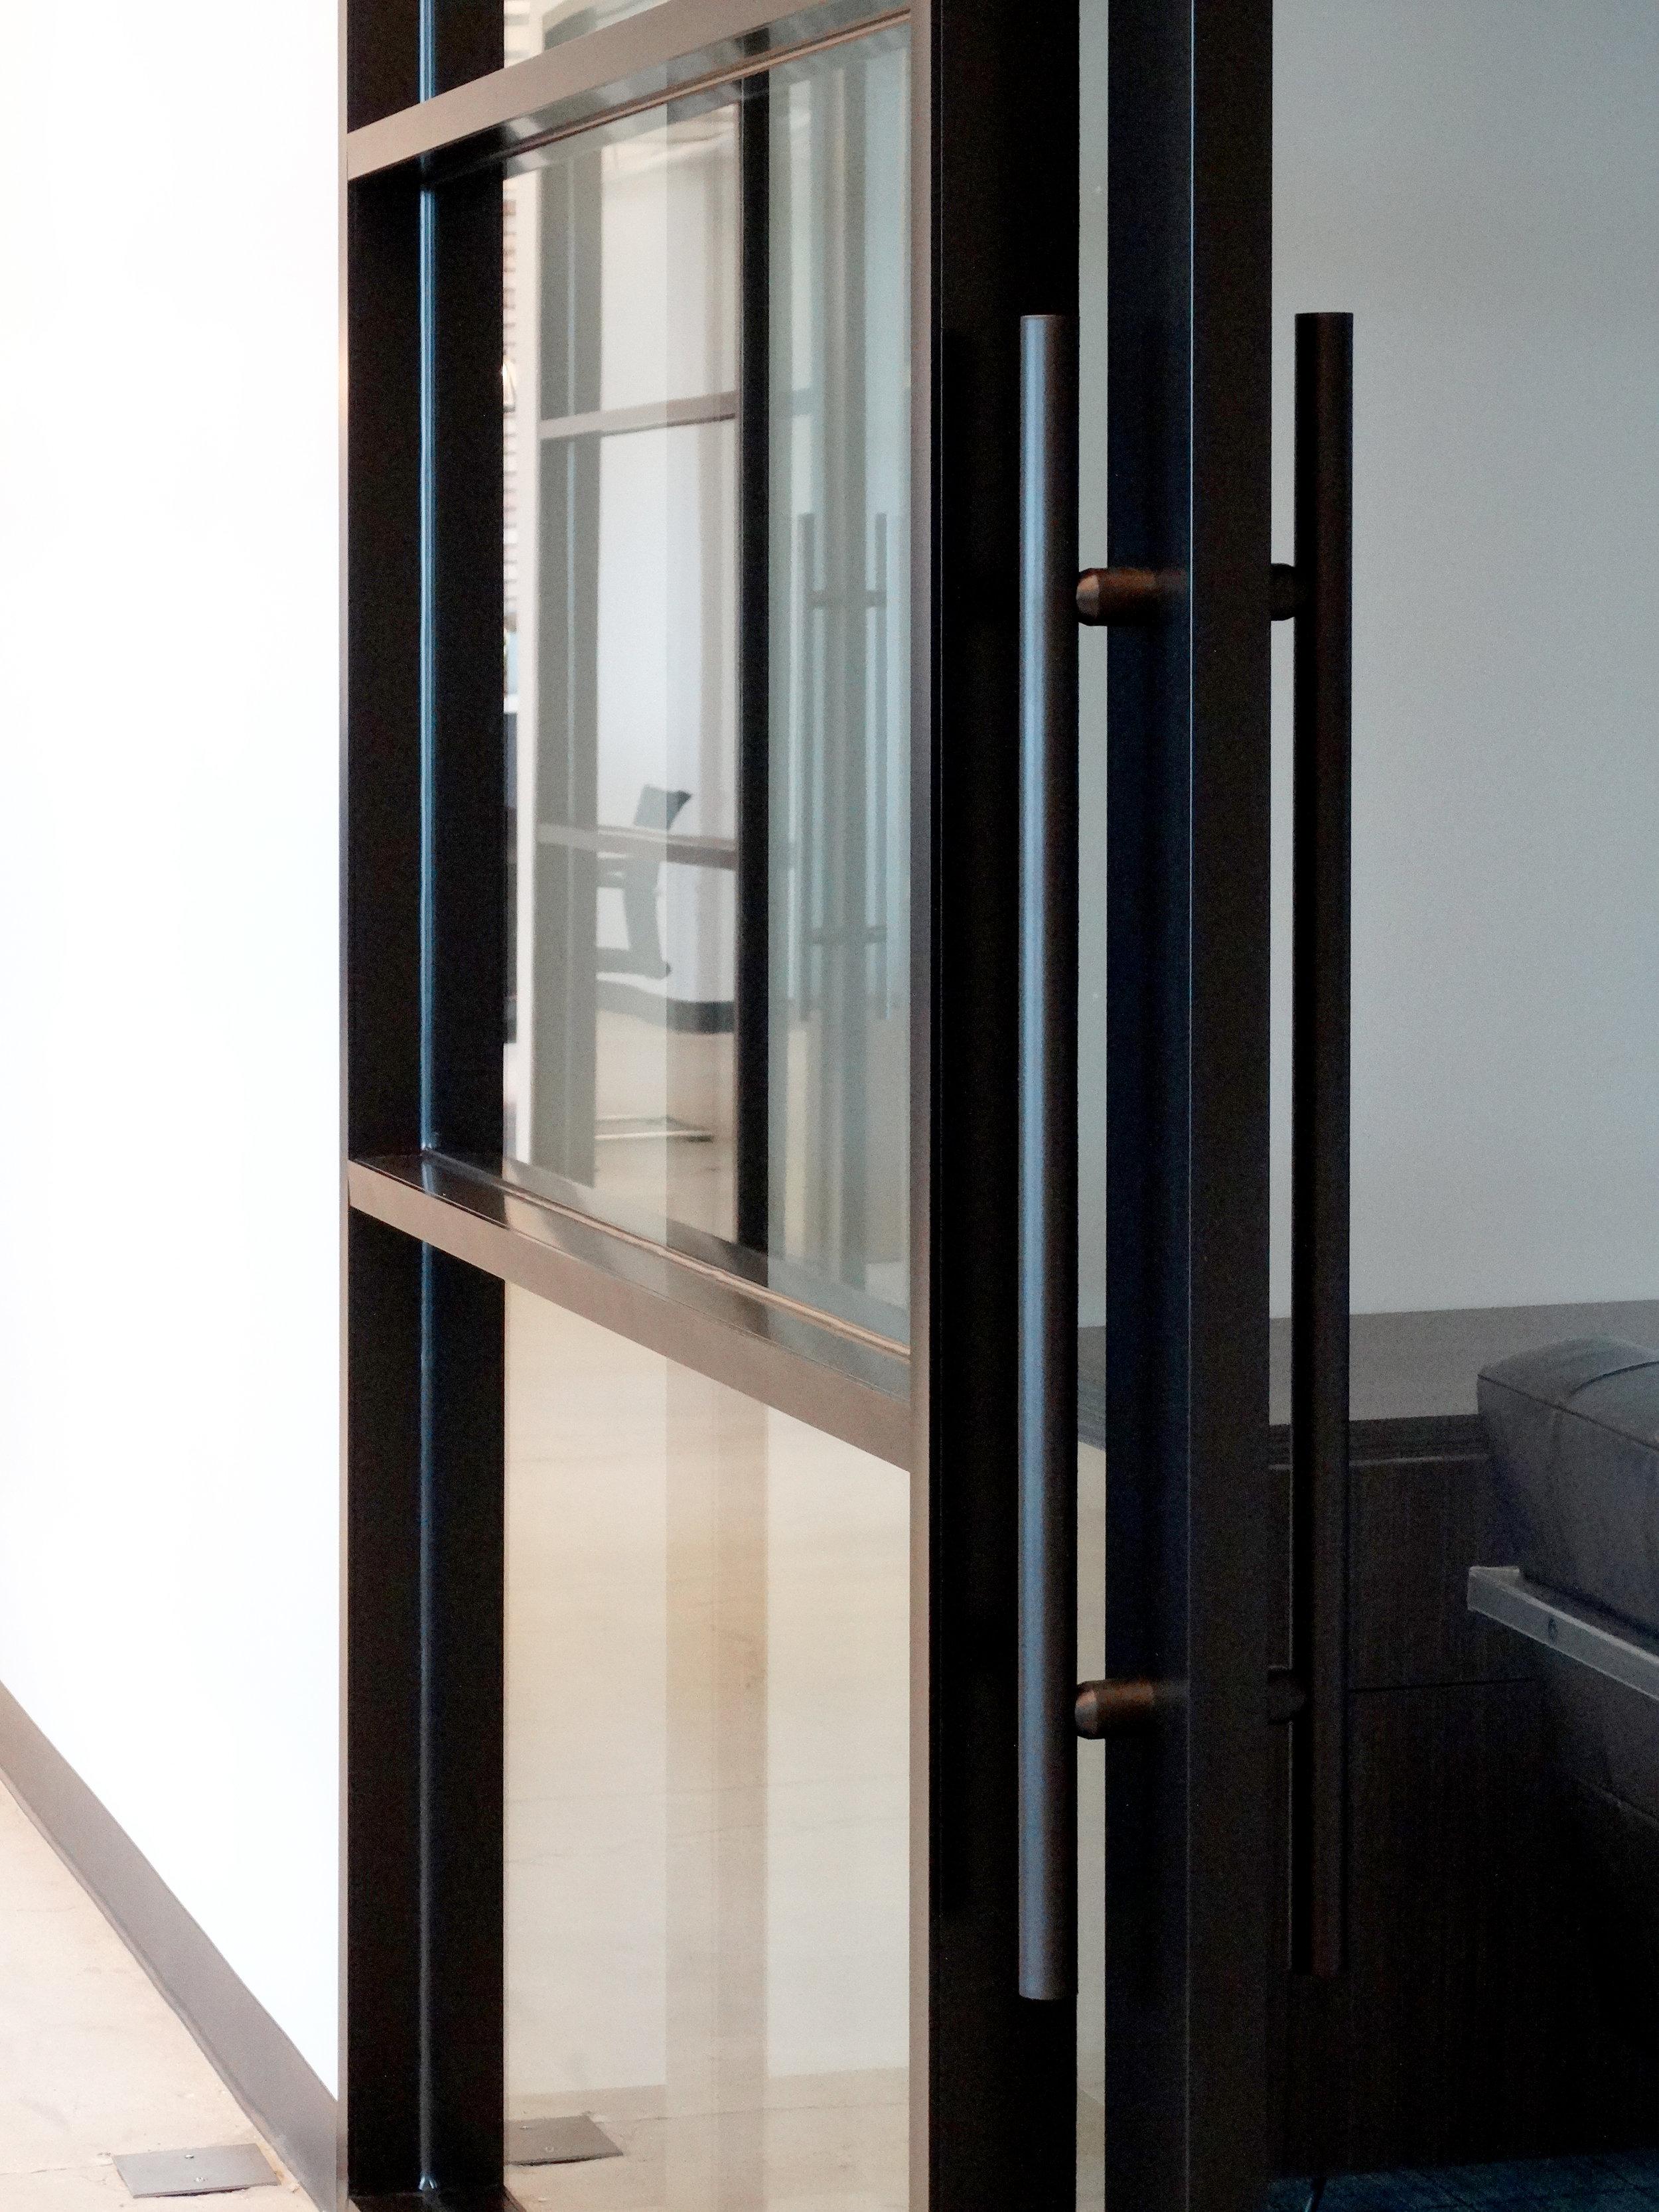 Encase Black Powder Coat Aluminum Framed Sliding Door - Spaceworks AI.JPG